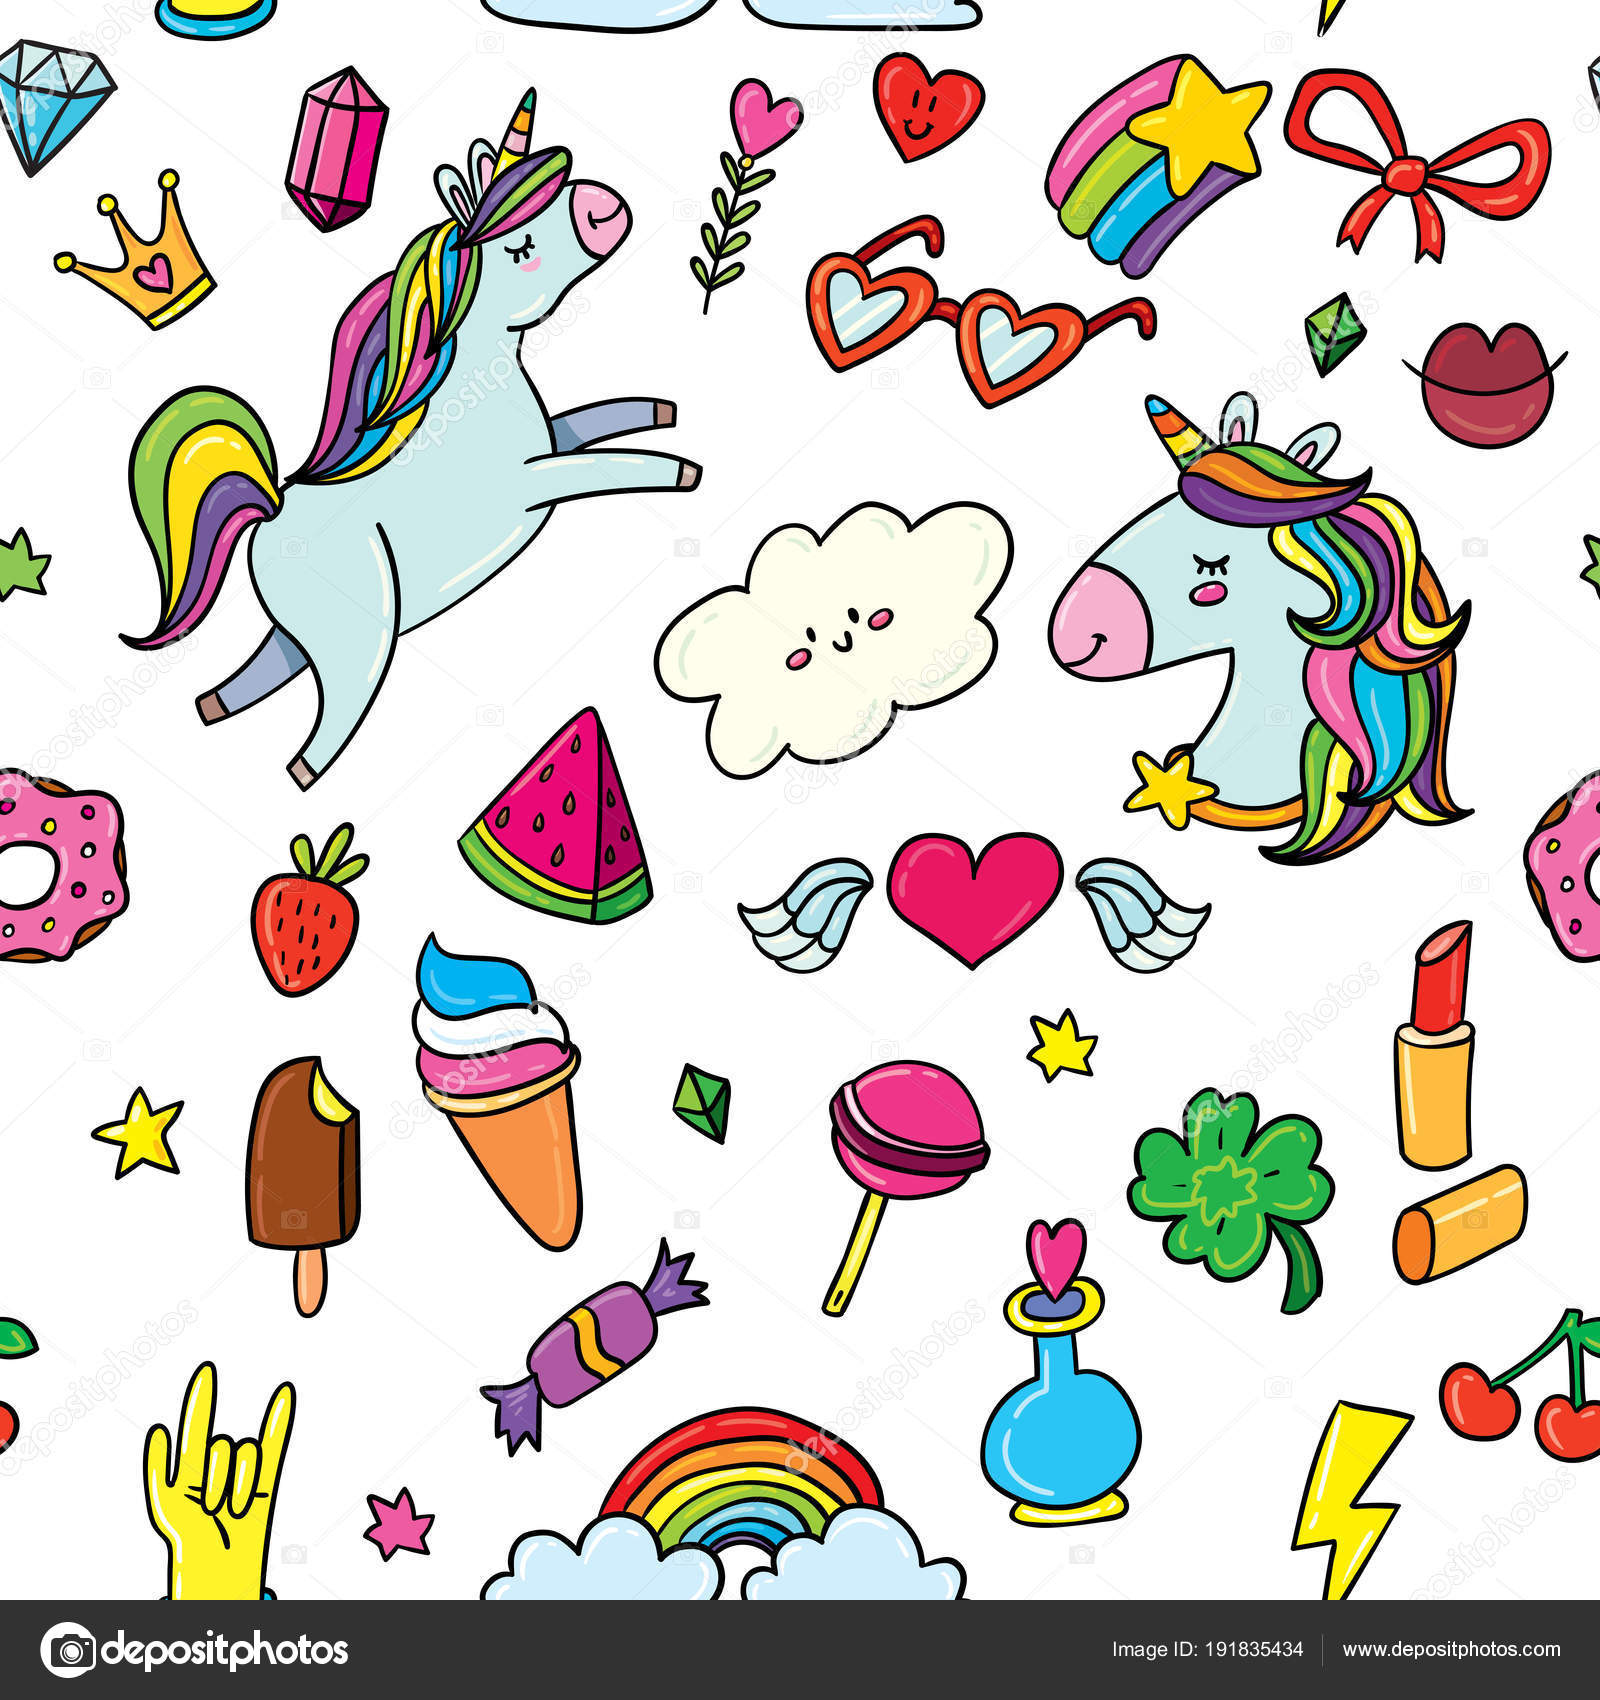 Dibujos Angeles Tiernos Lindo Dibujo Colorido Doodle Estilo